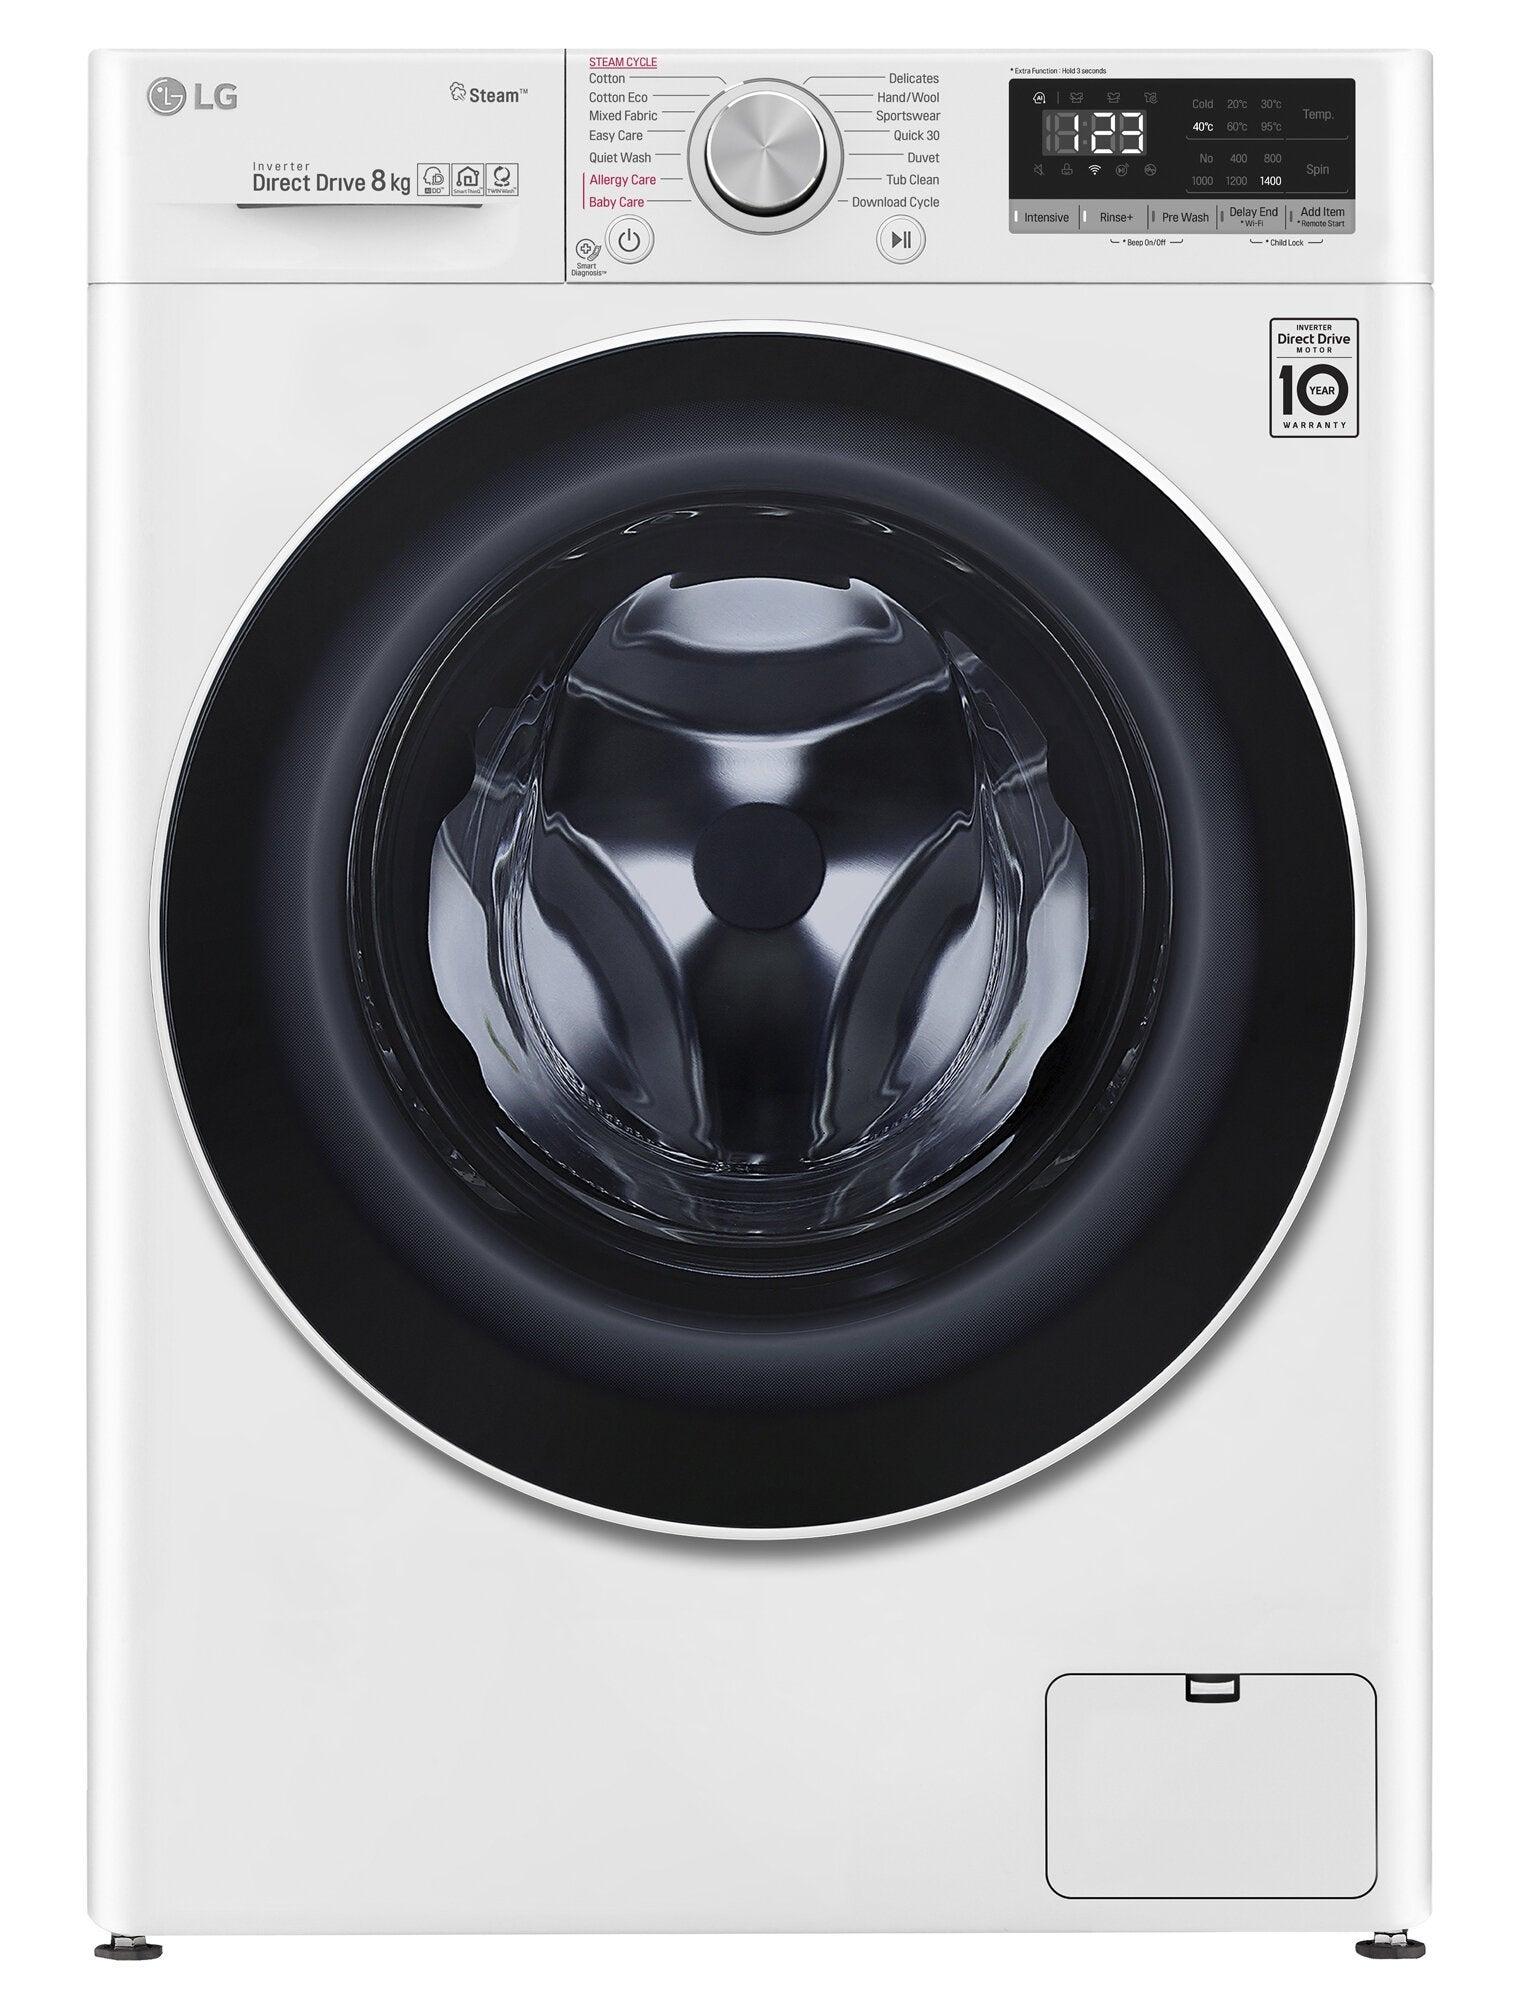 LG WV51408W Washing Machine